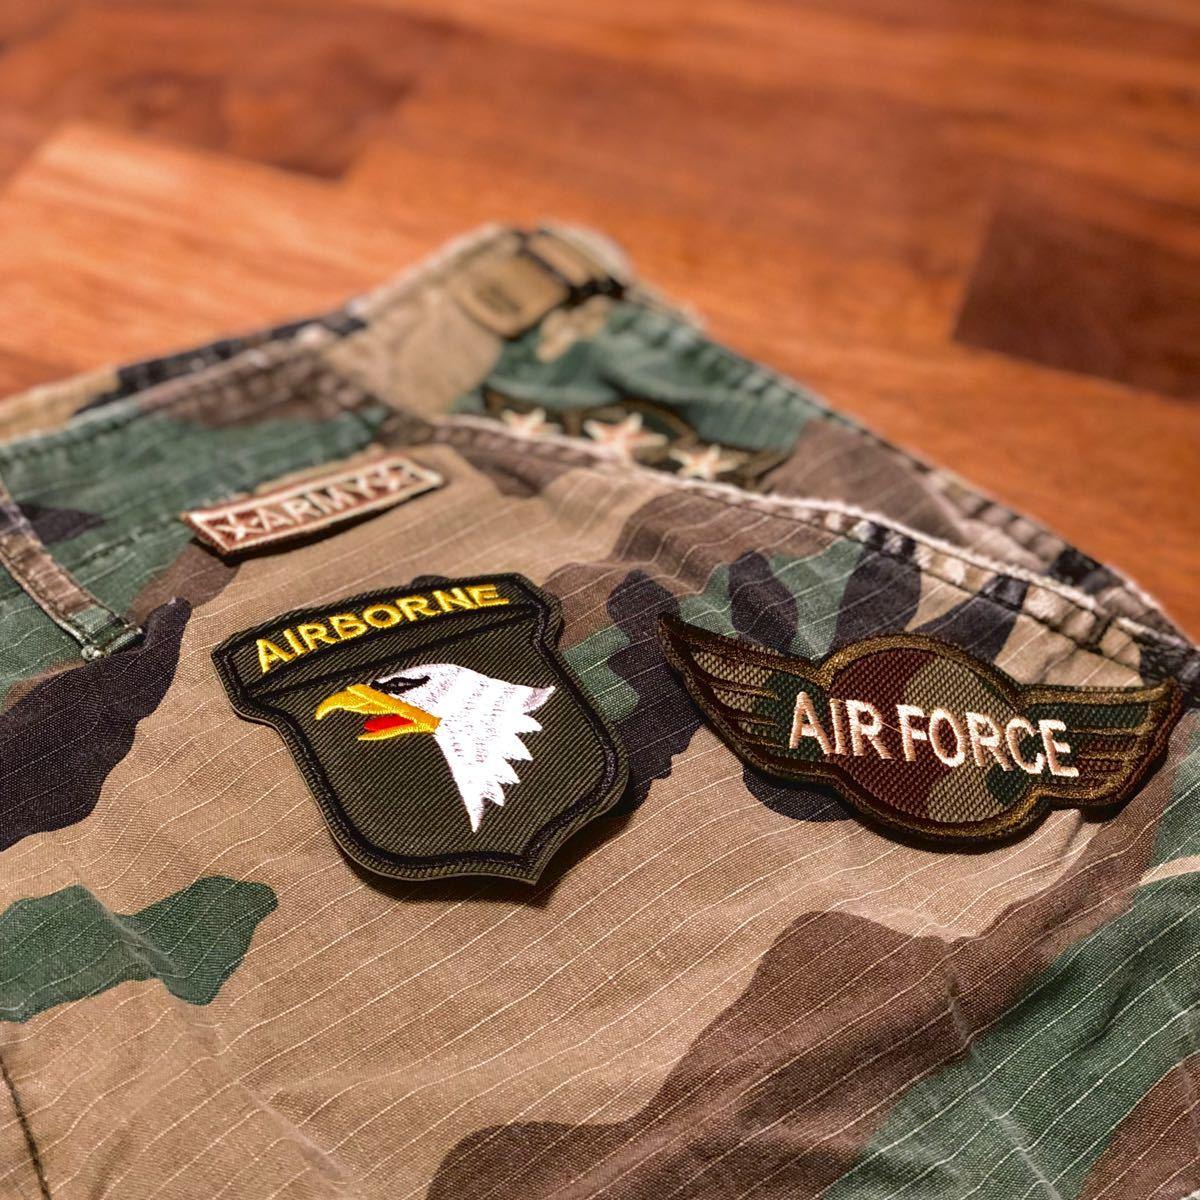 【アイロンワッペン】アーミーシリーズ ミリタリー 8点セット 航空自衛隊